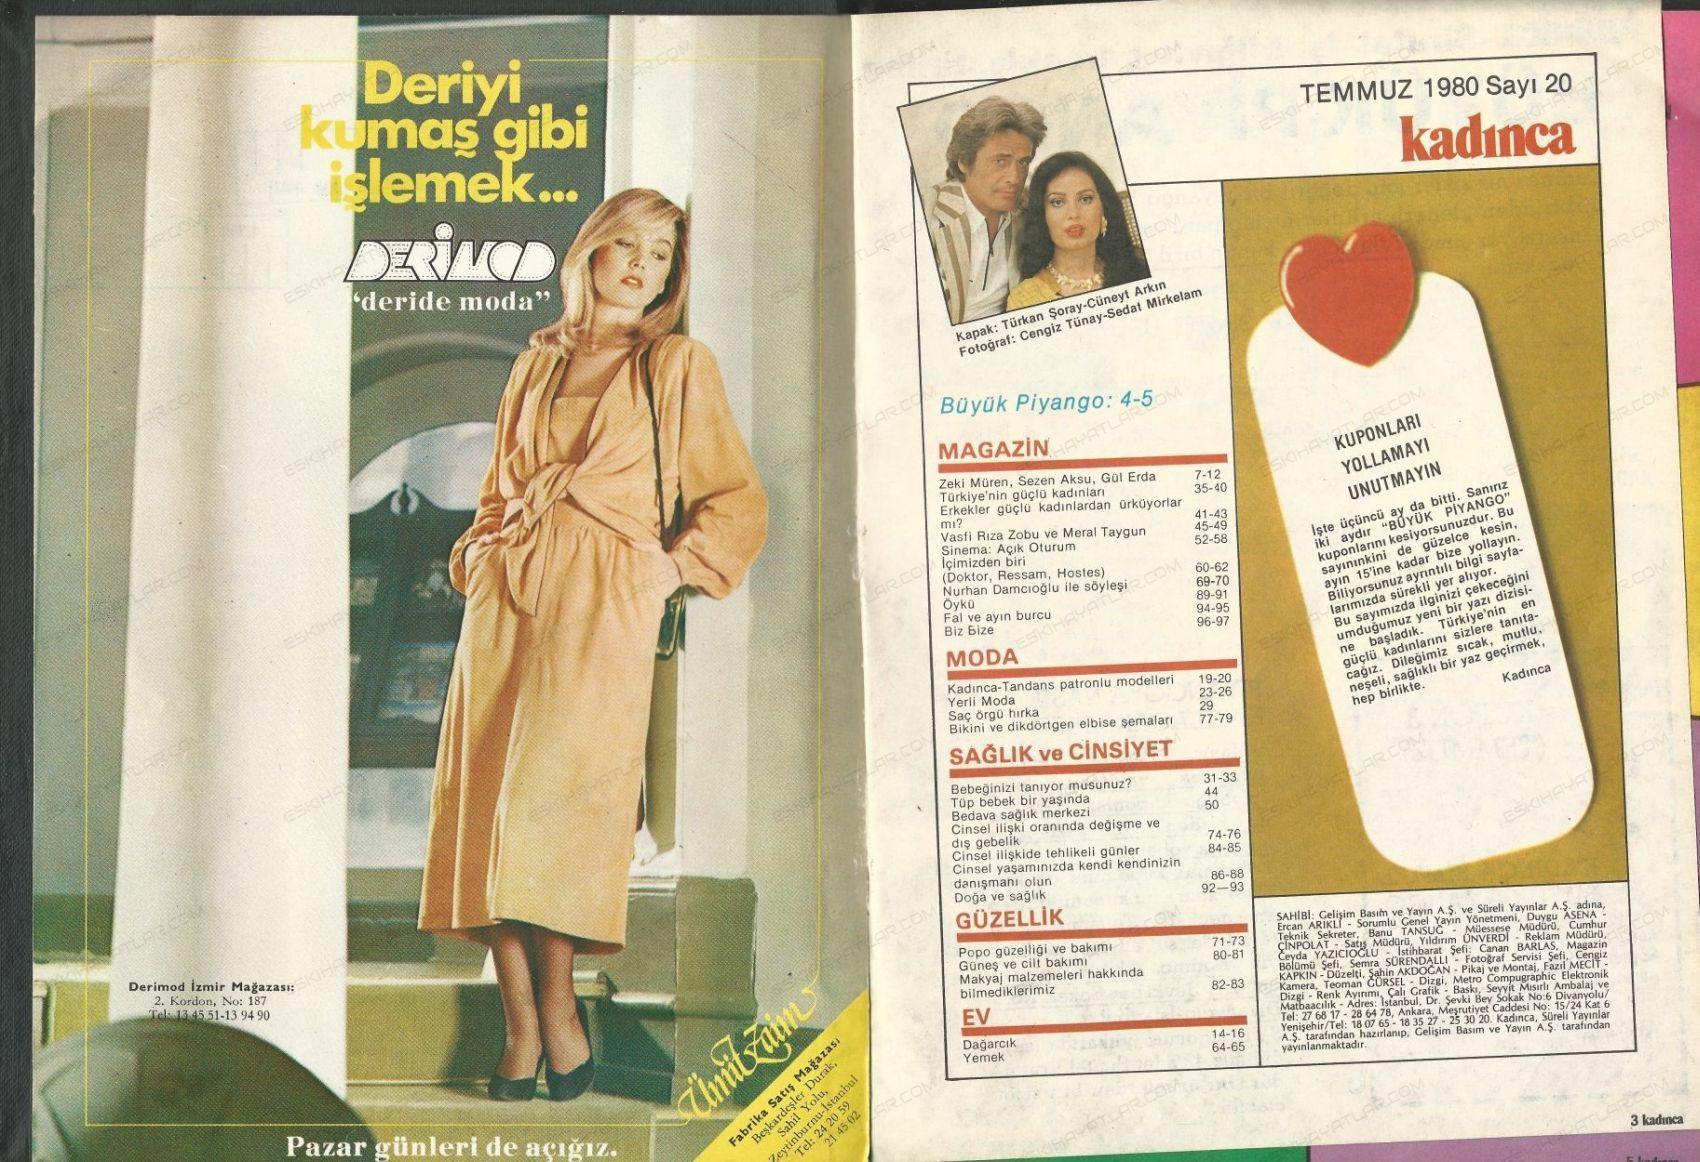 0120-seksenli-yillarda-turk-sinemasi-turkan-soray-roportaji-cuneyt-arkin-1981-kadinca-dergisi (2)